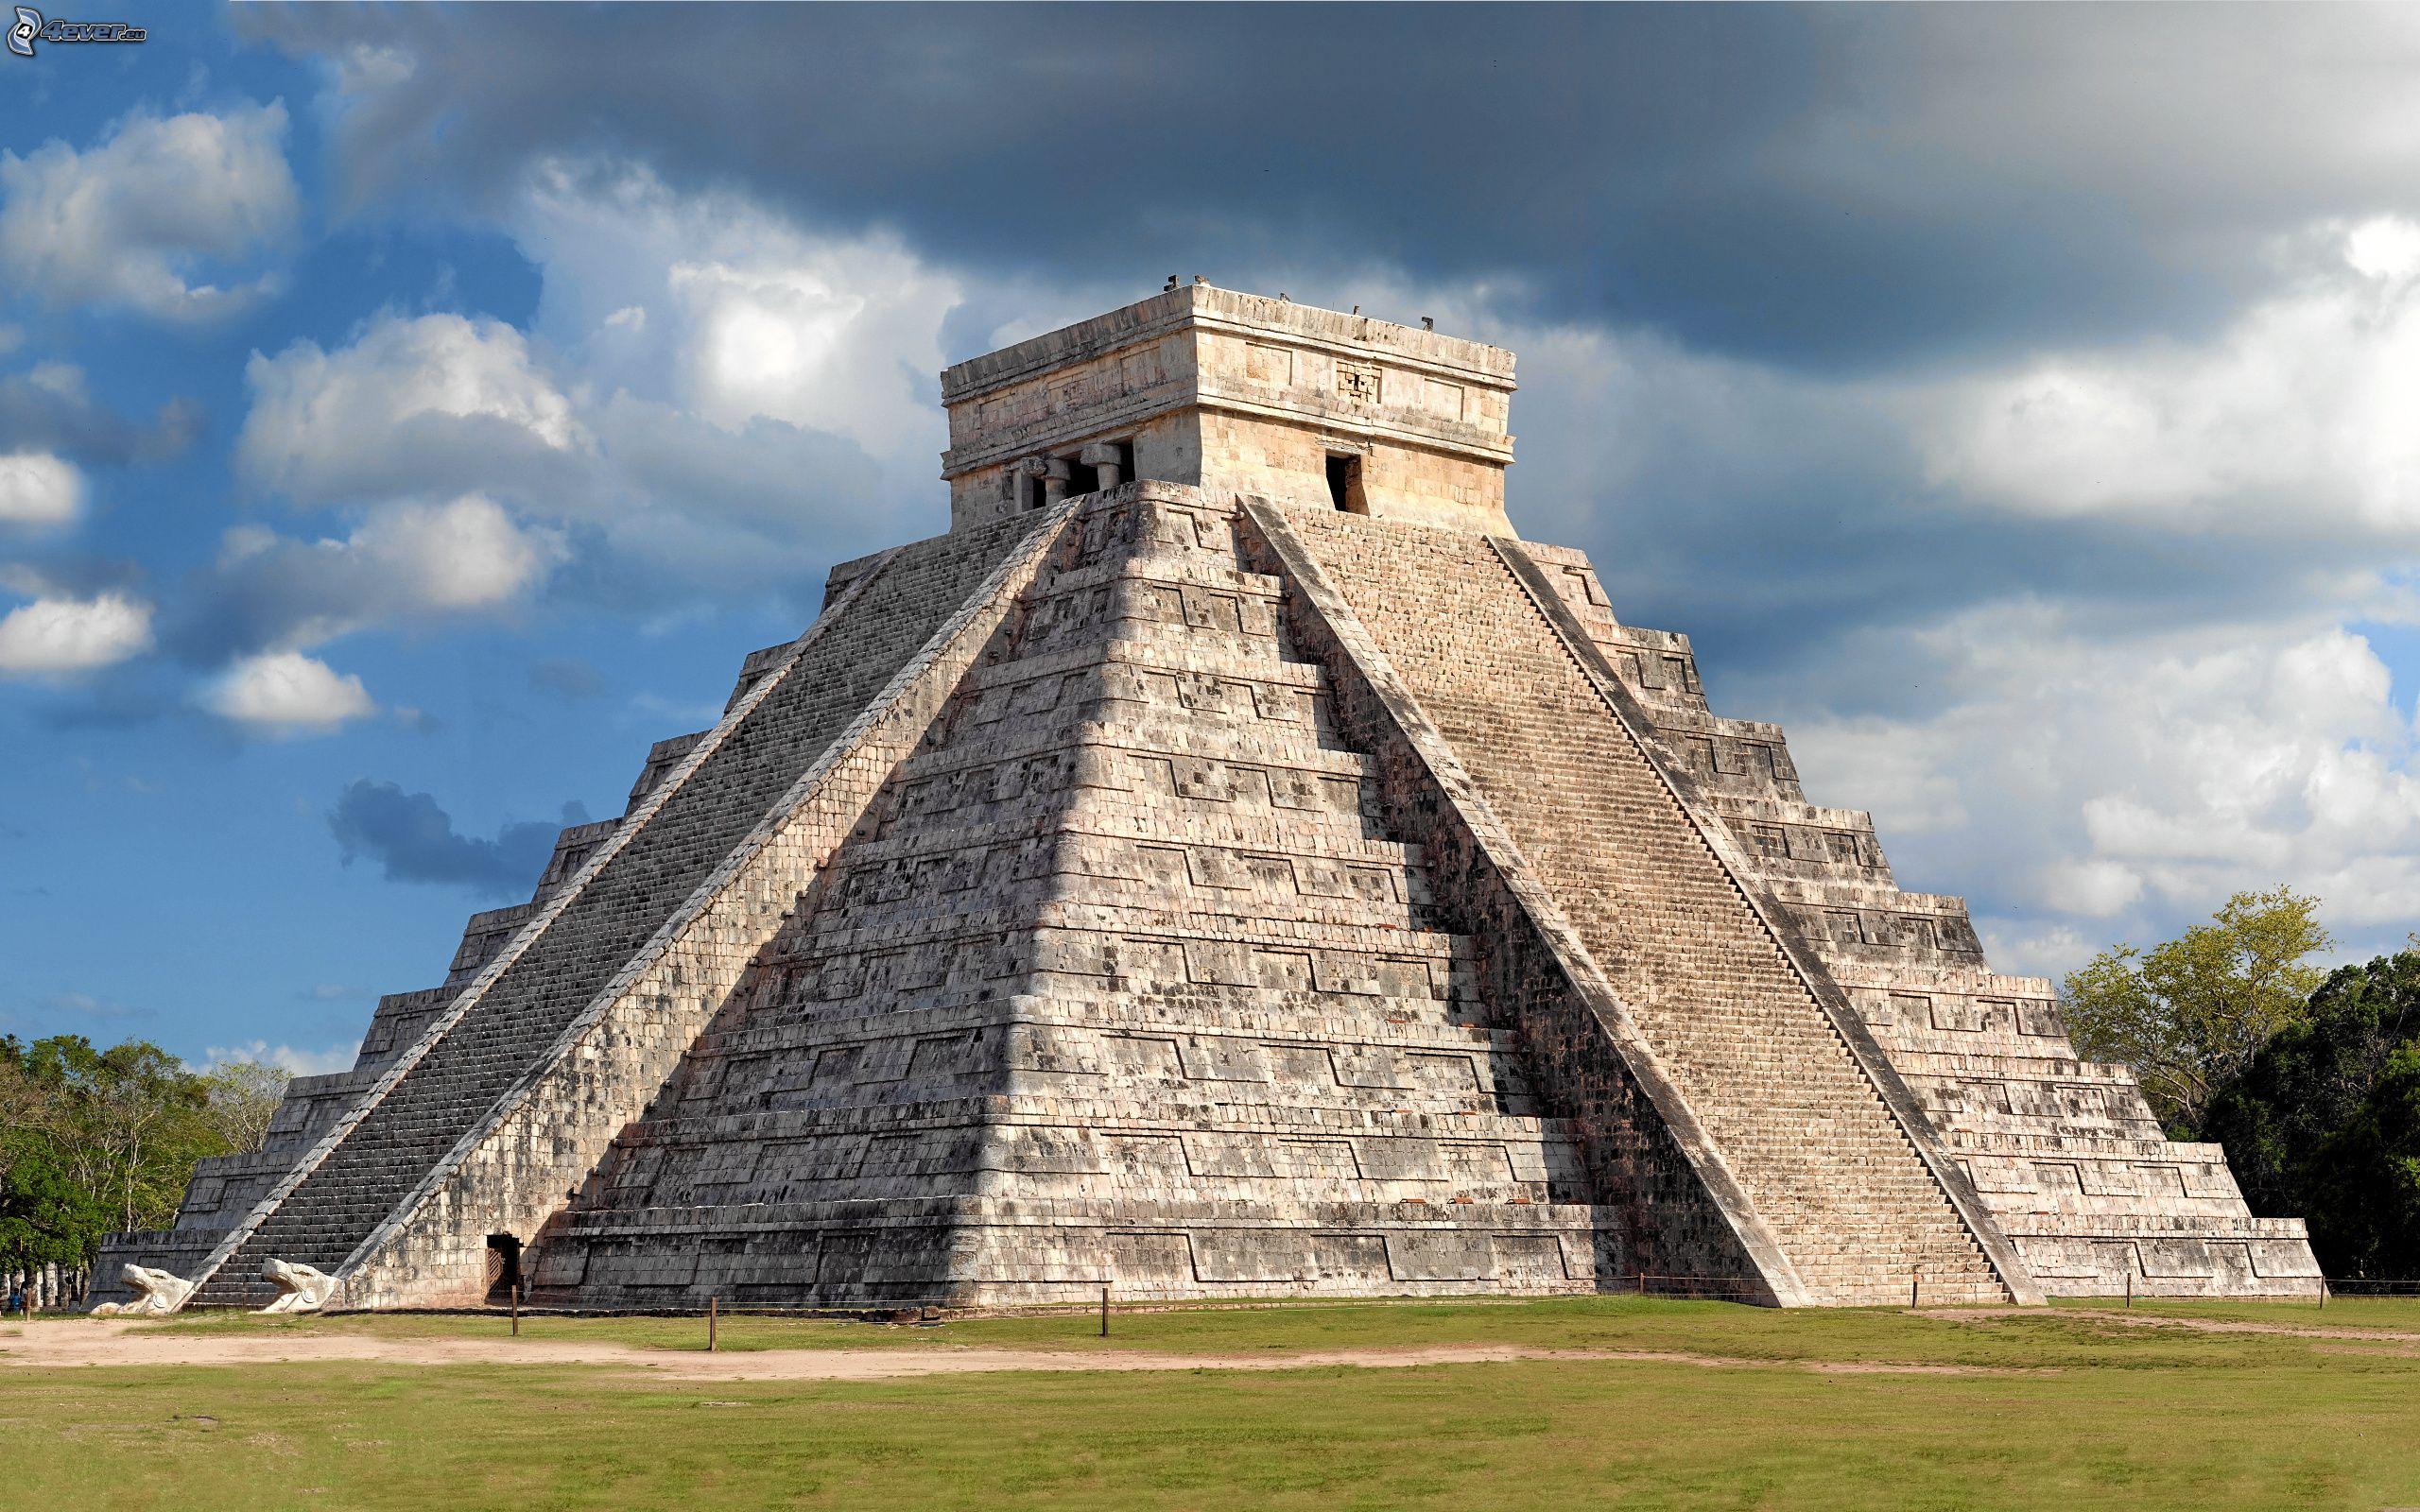 Los mejores sitios de interés turístico del planeta Chichen-itza-piramide-171126